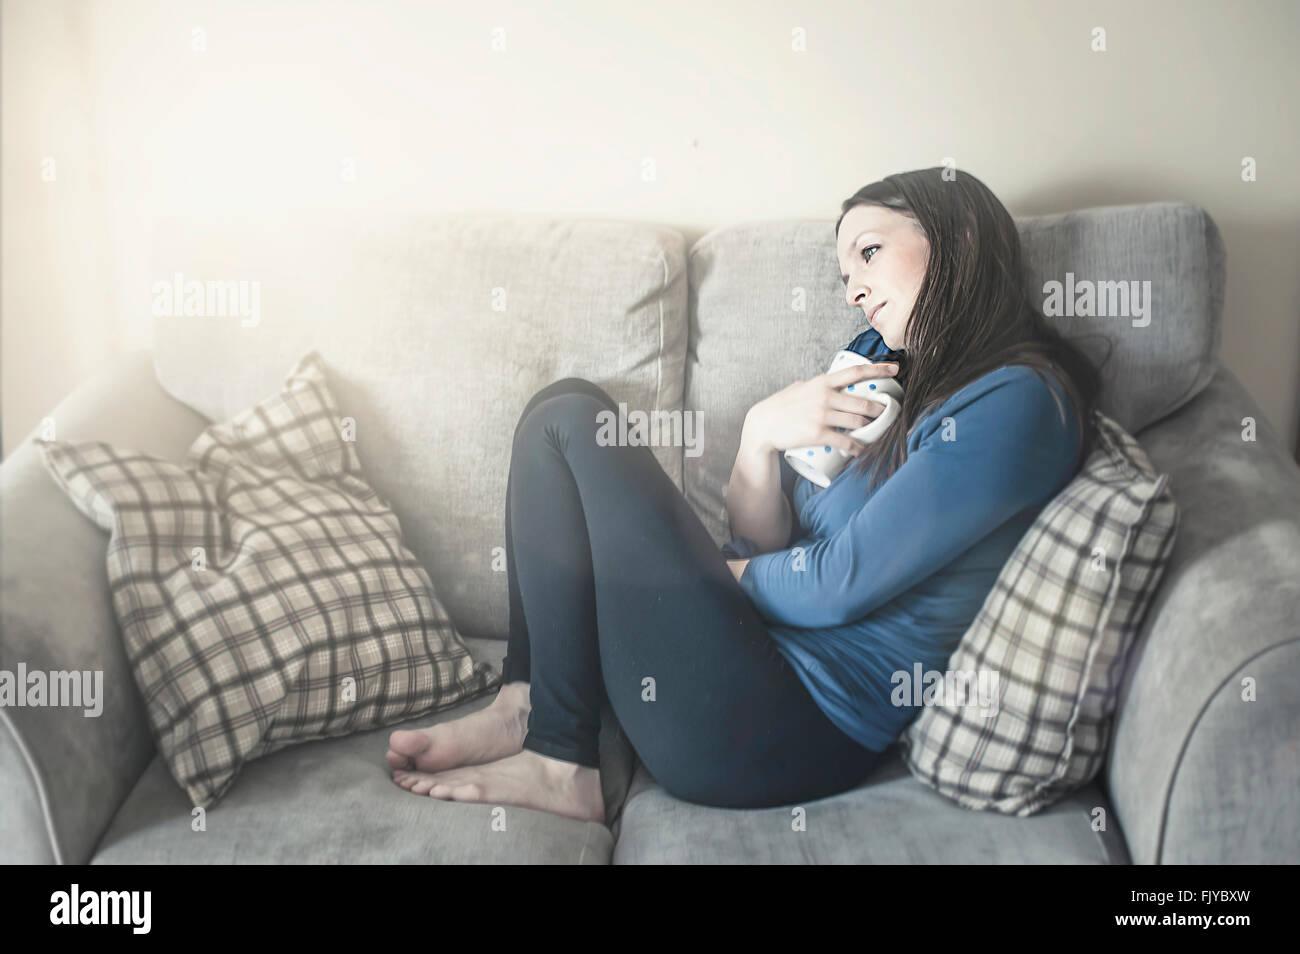 Mujer joven descansando en el sofá-cama Imagen De Stock